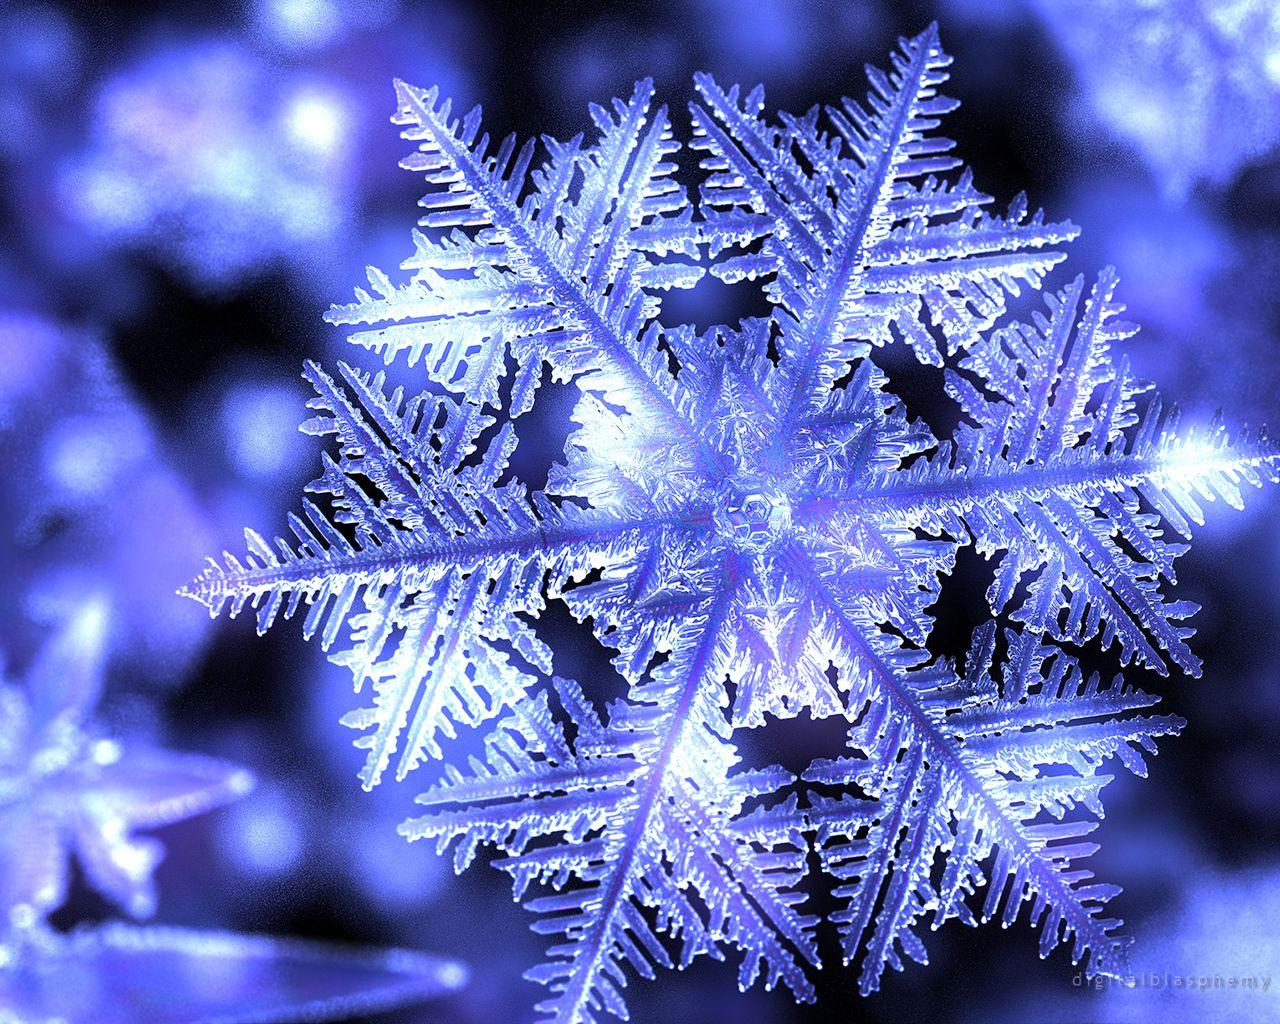 Winterborn 1280 Digital artwork, Cool desktop